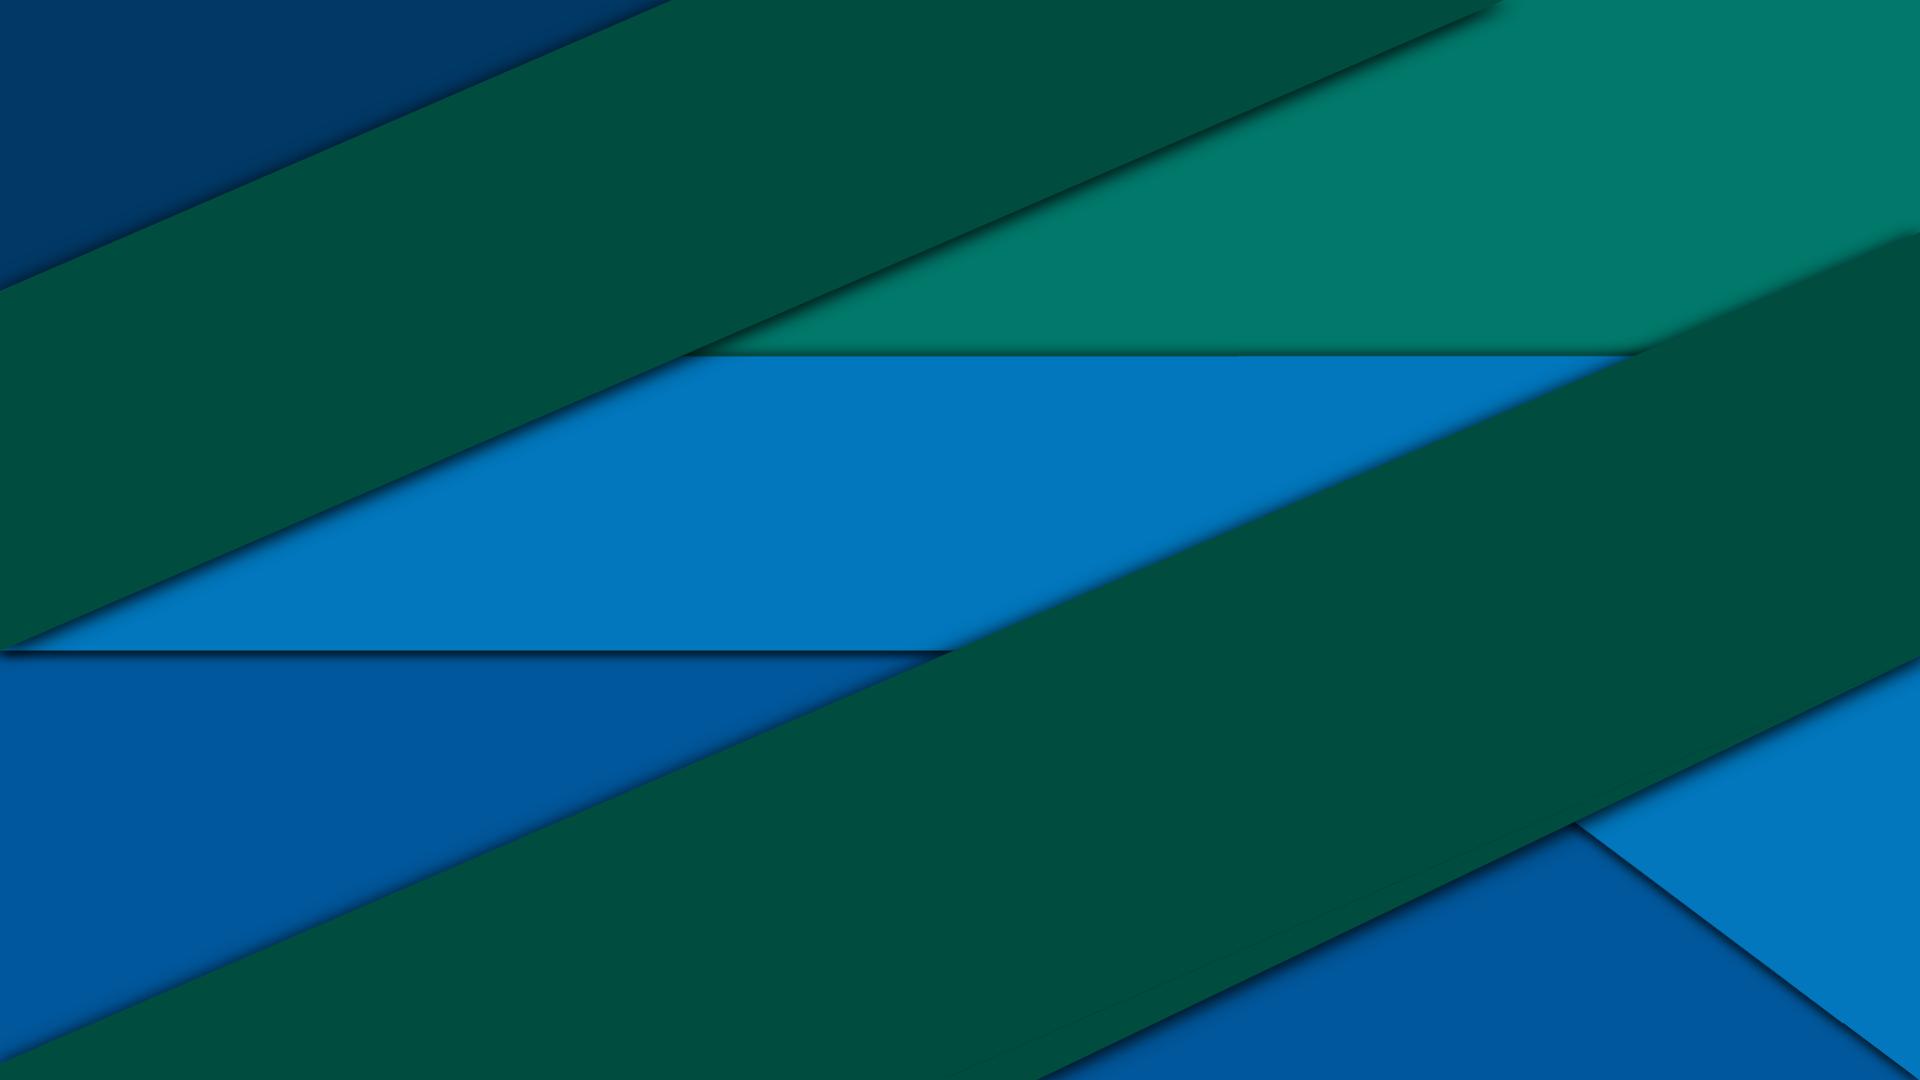 Windows 10 wallpaper material wallpapersafari for Window material